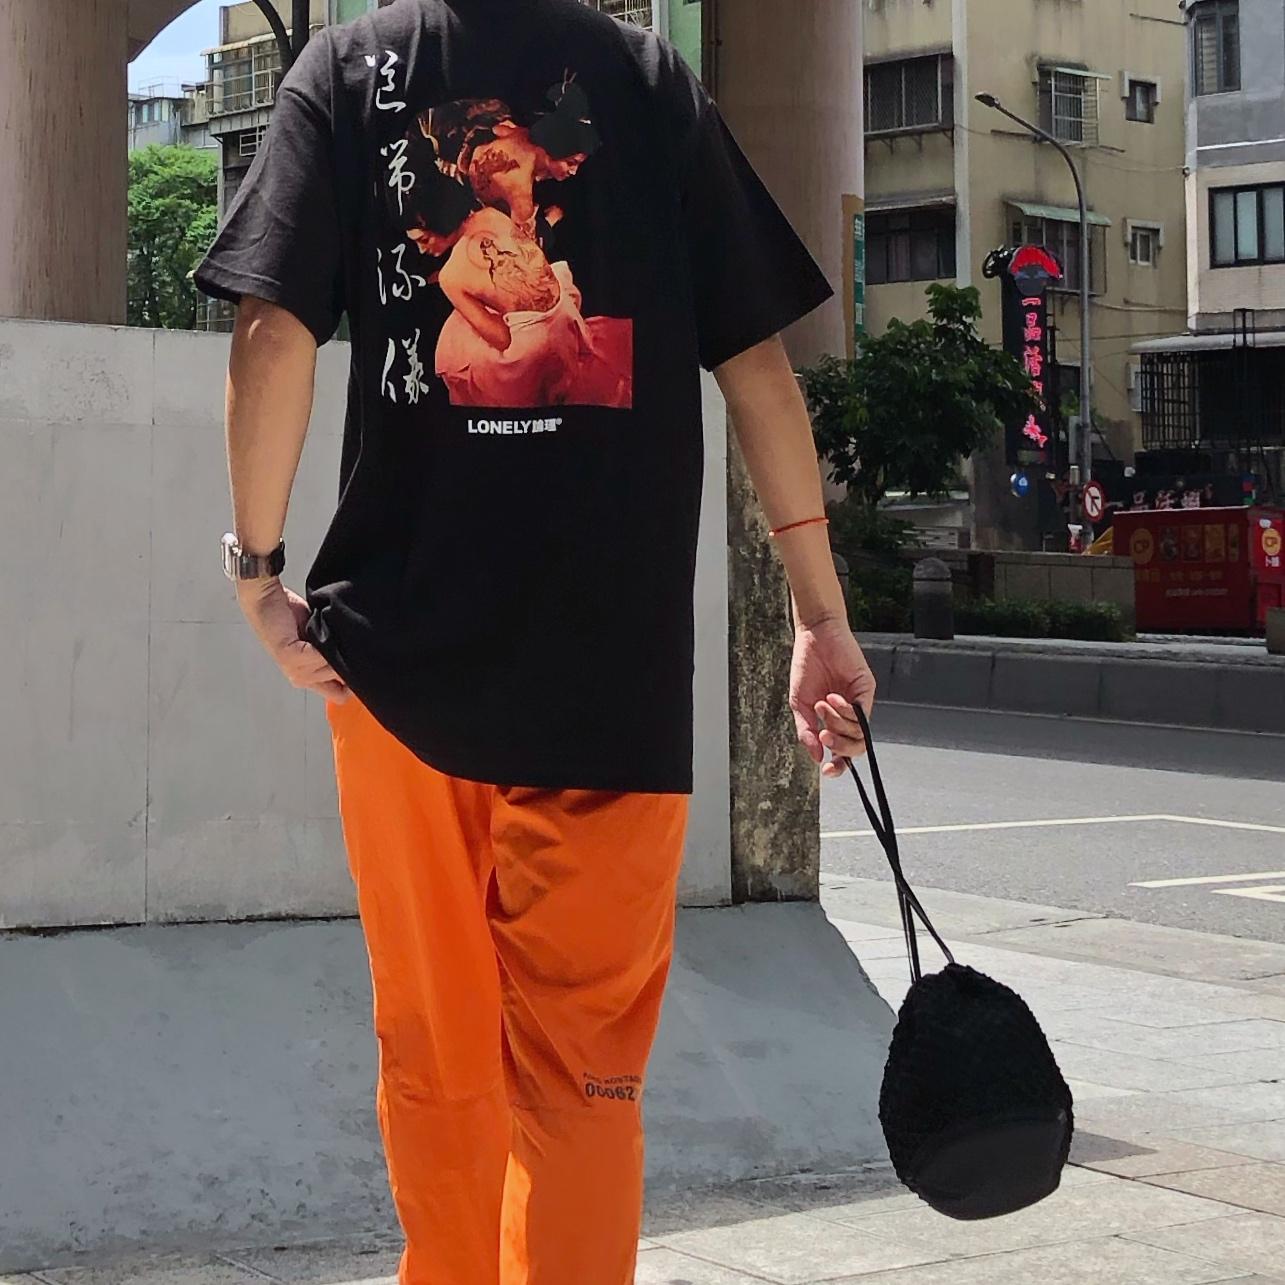 顏色穿搭,橘穿搭,紫穿搭,門市穿搭,穿搭,plain-me,一週搭配,搭配名人,街頭搭配,男穿搭,男生穿搭,alen 一週穿搭